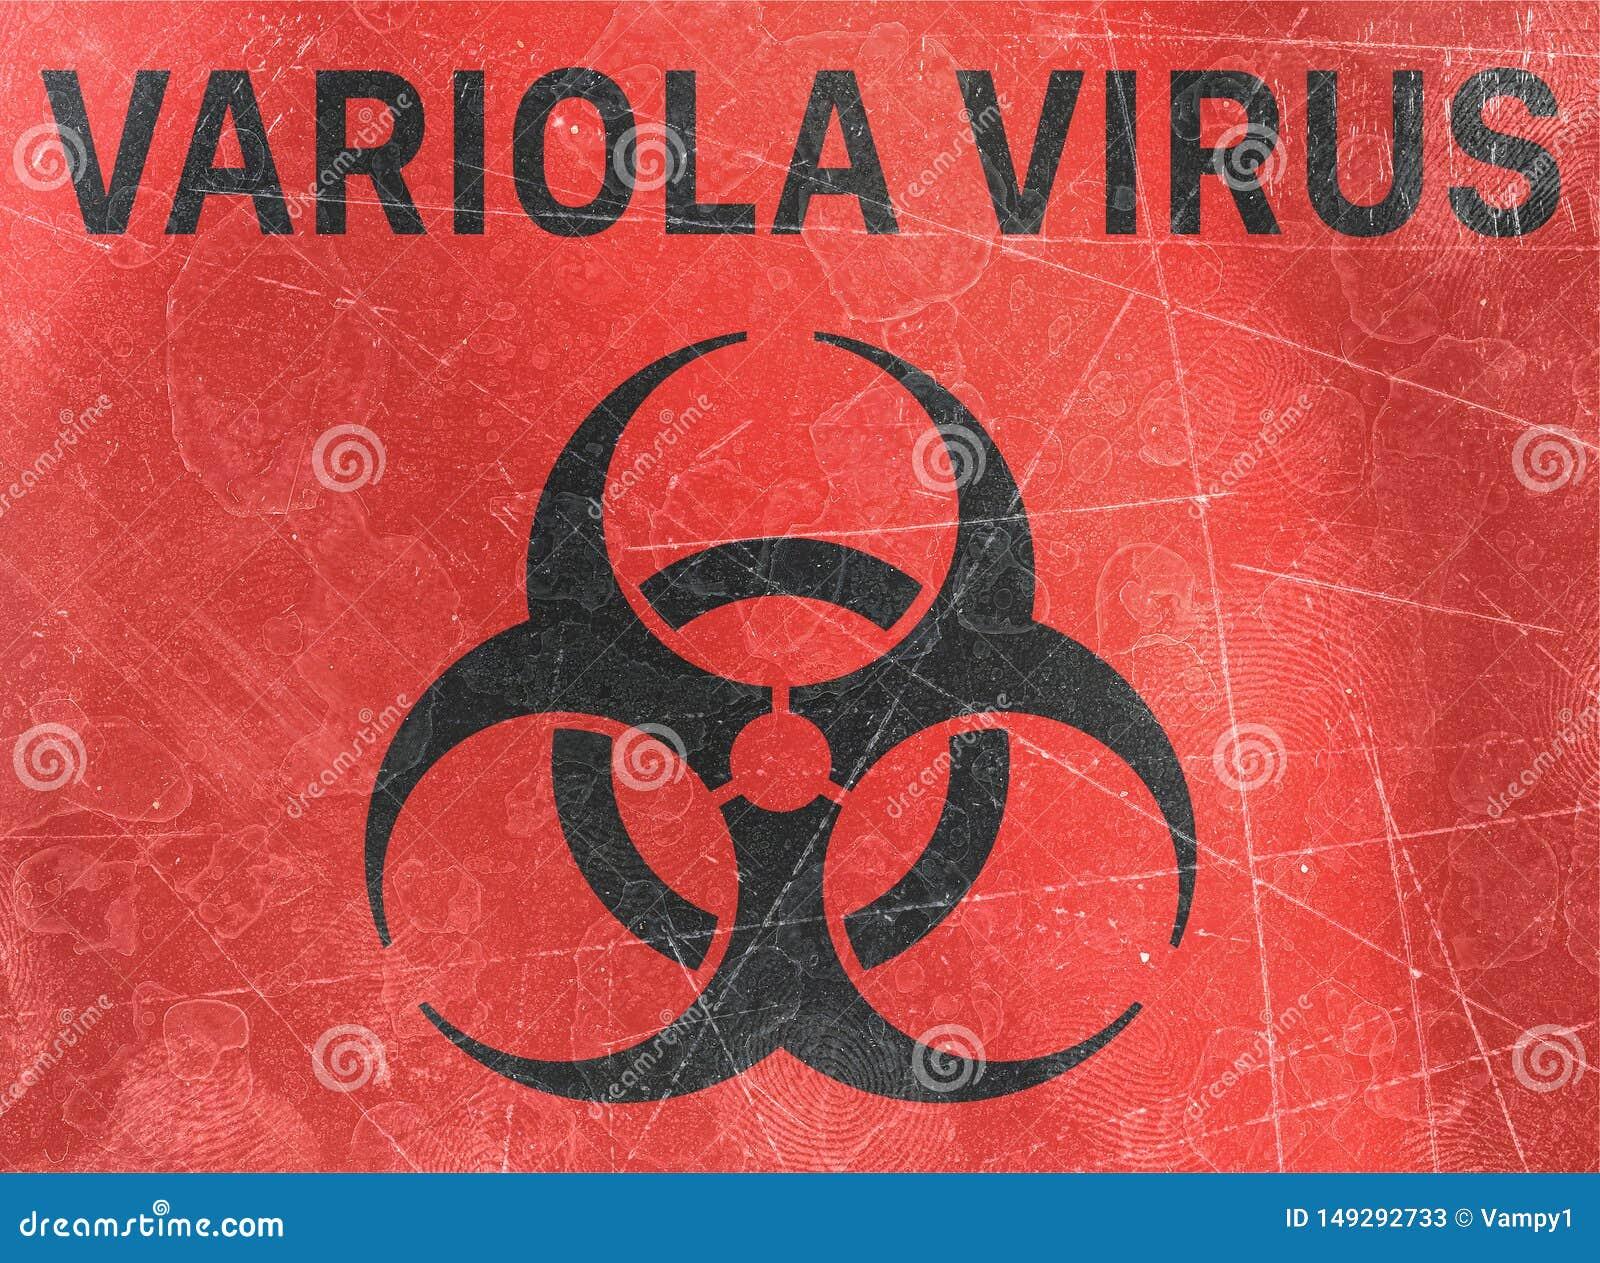 Ο ιός Variola, αναφέρεται στις βιολογικές ουσίες που αποτελούν απειλή για την υγεία των οργανισμών διαβίωσης, ιοί